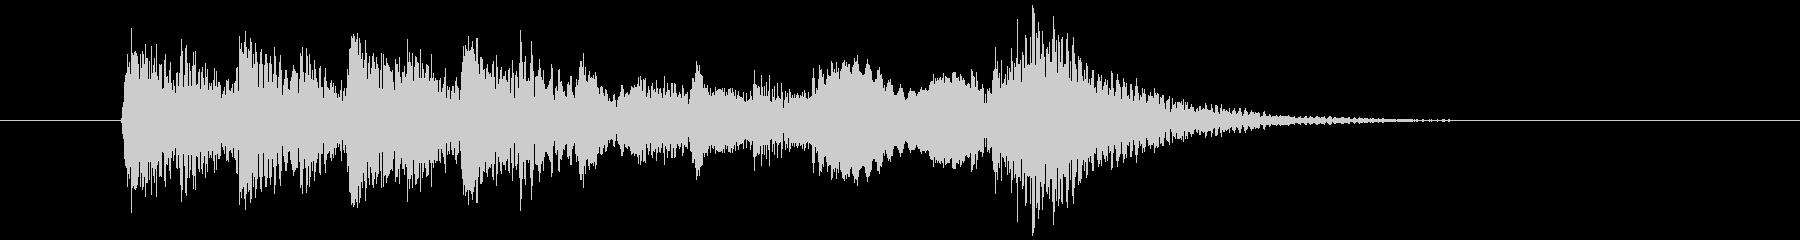 涼やかな琴による和風BGMの未再生の波形